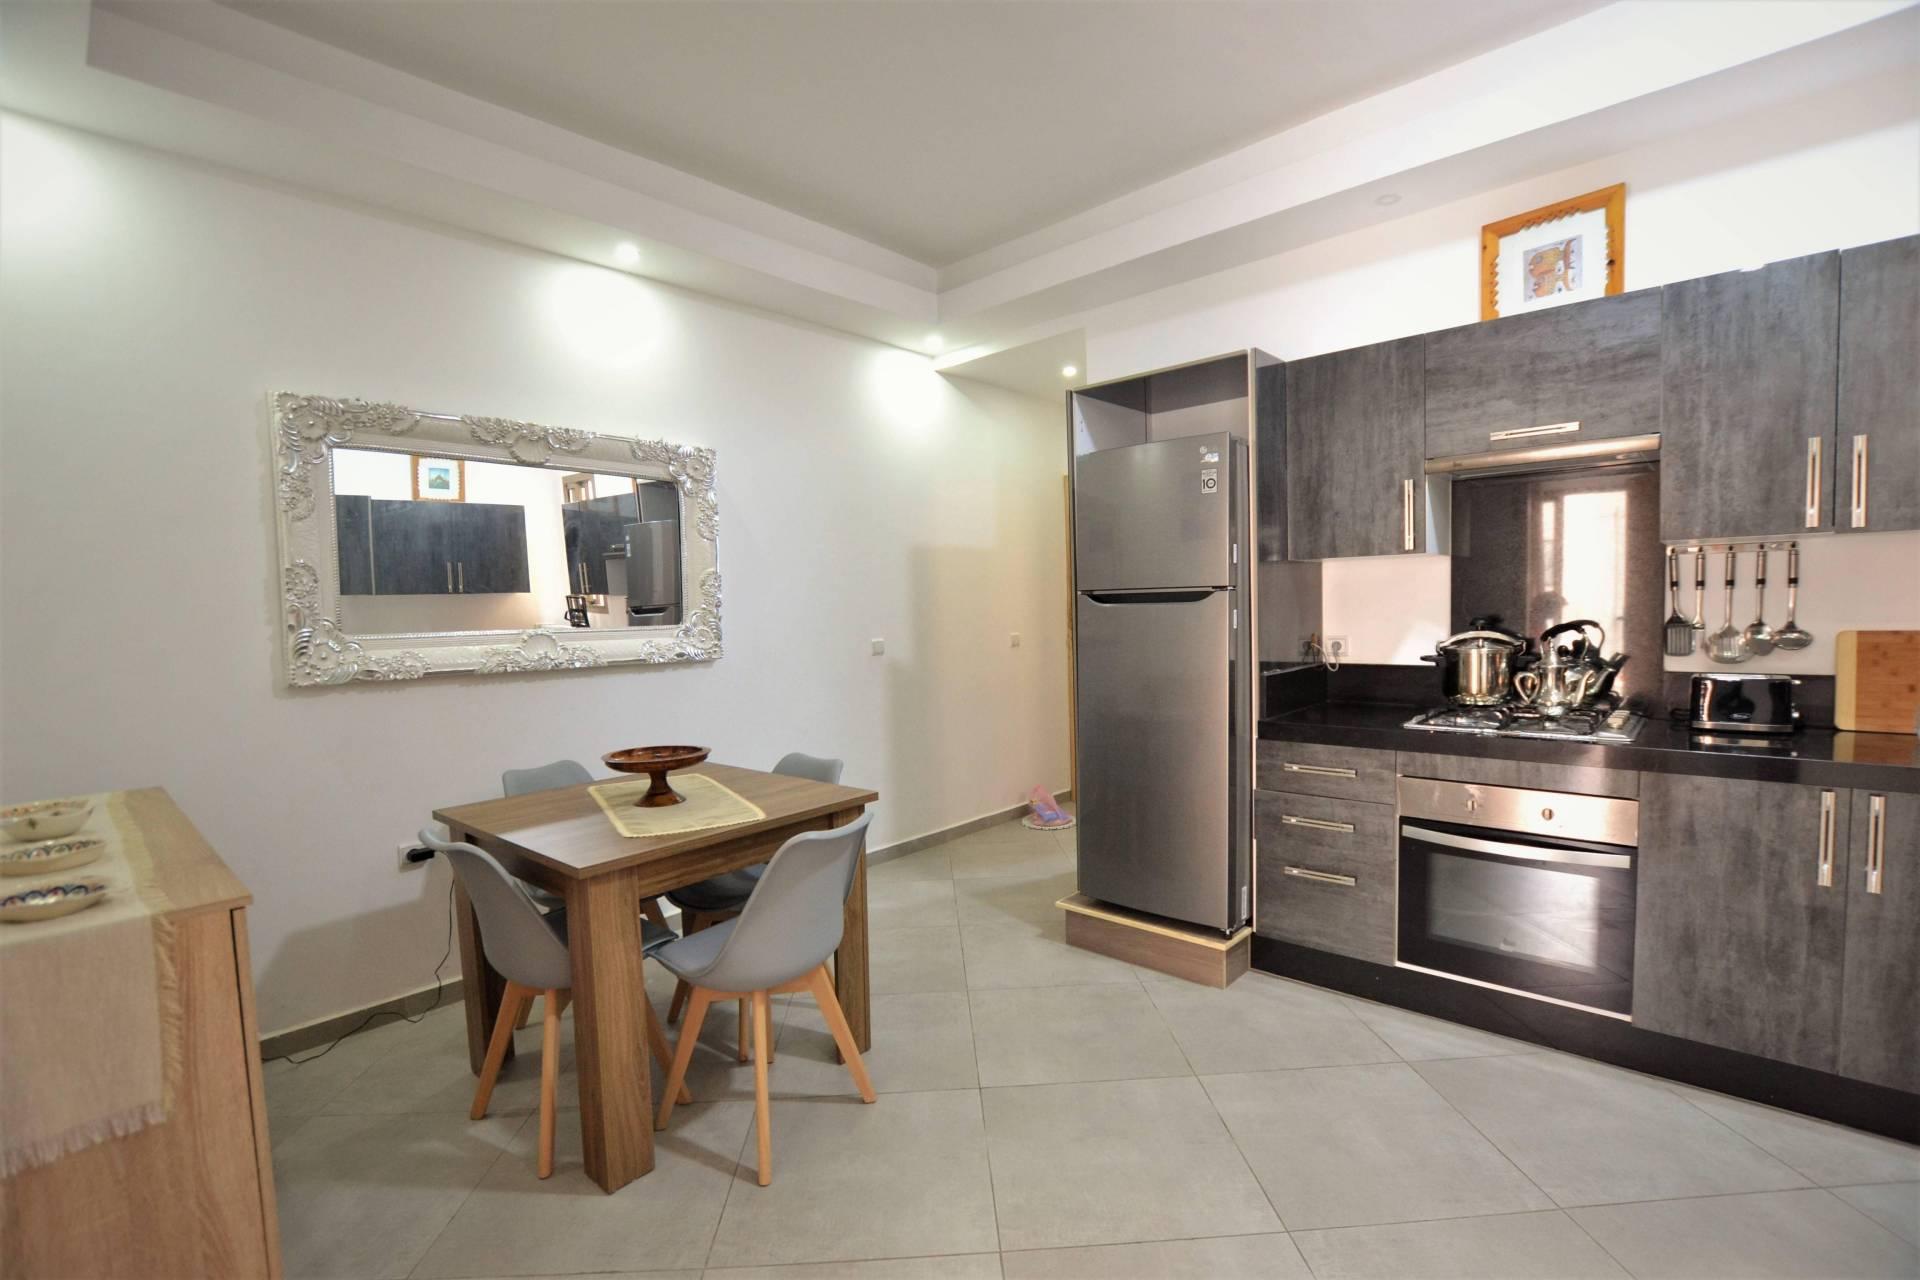 Location - Appartement - 71 m² - Nouvelle-Ville - 320 € - Essaouira - 9391